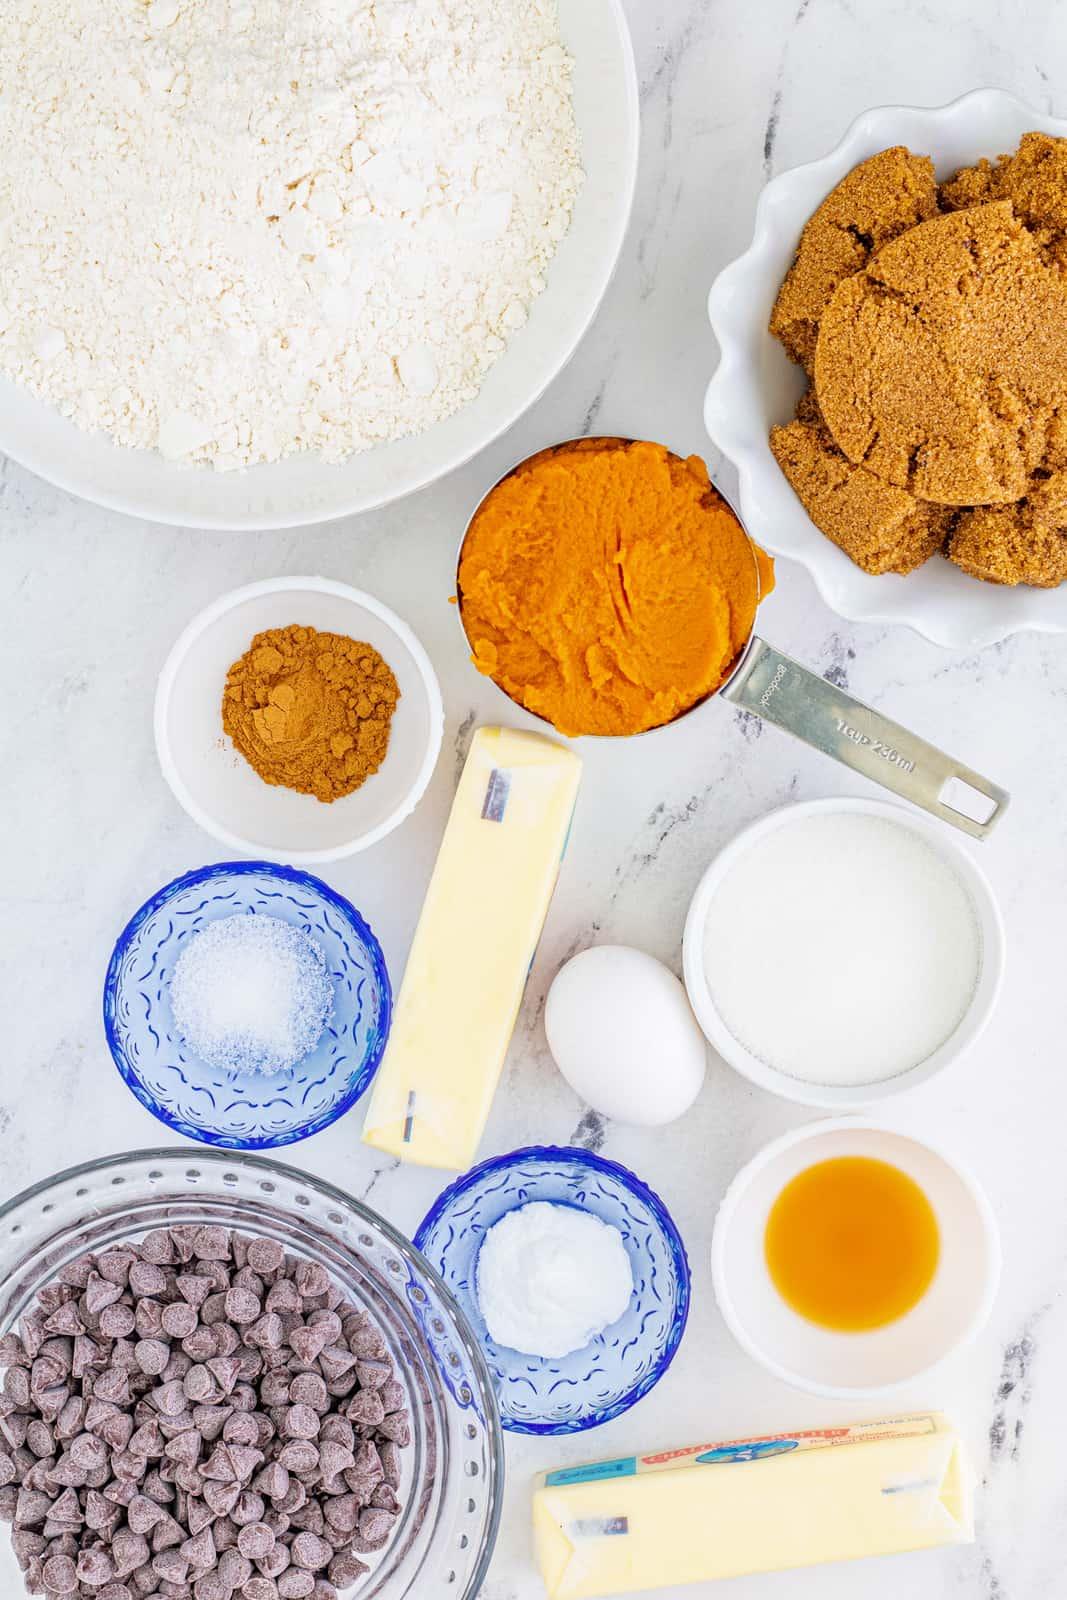 Ingredients needed to make Pumpkin Blondies